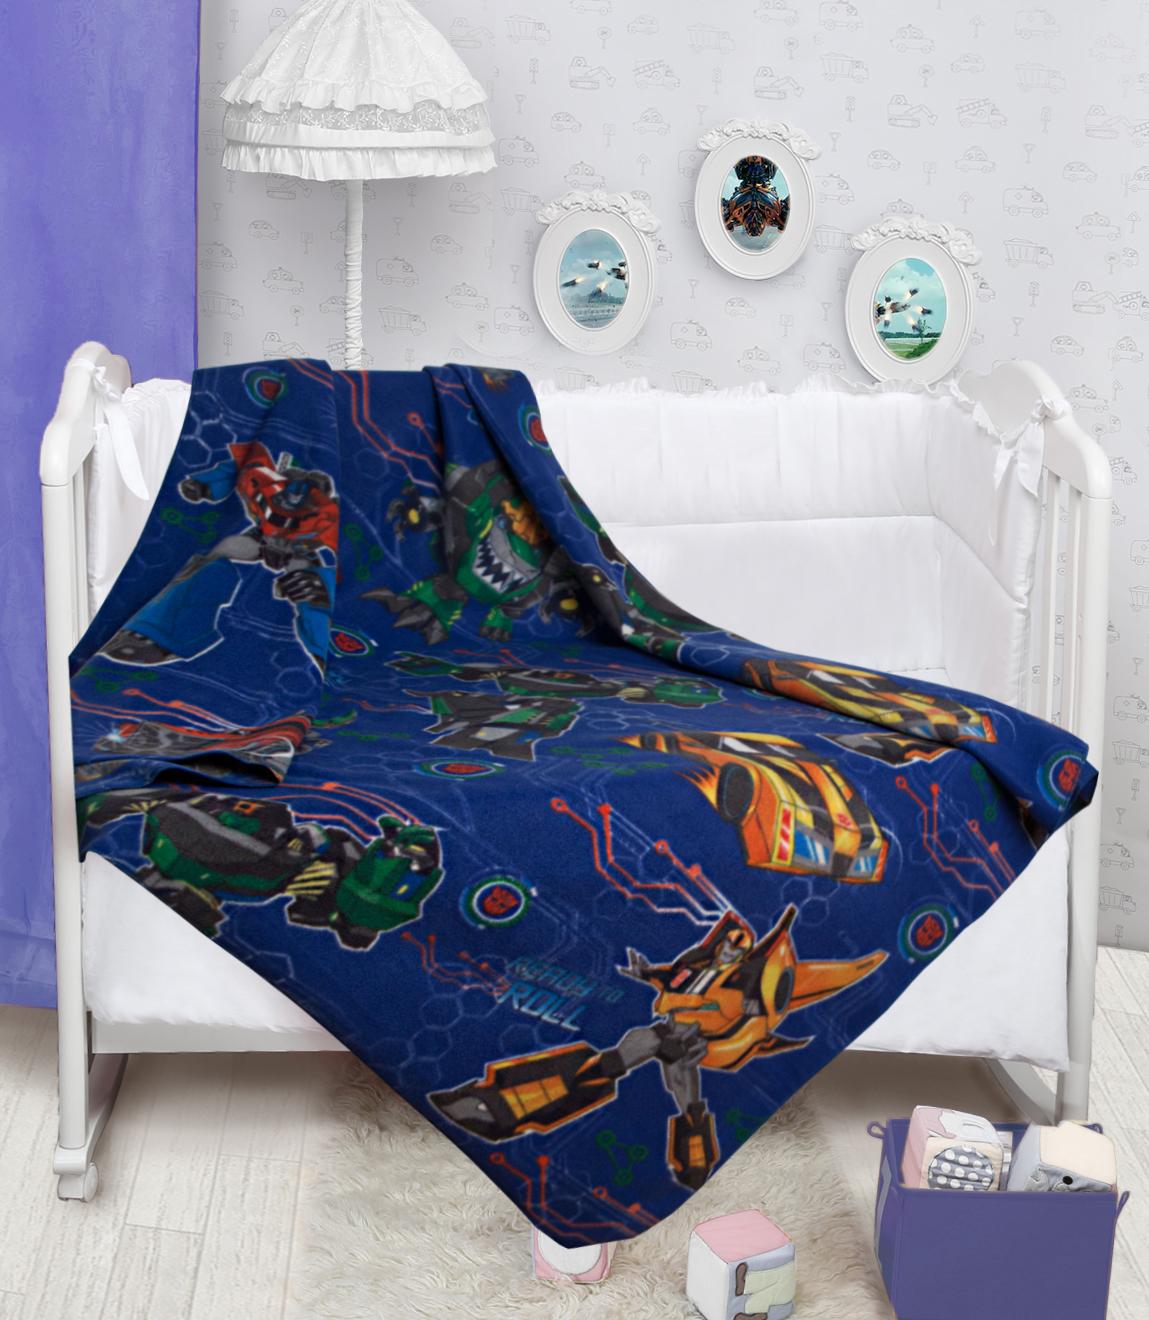 Купить Покрывала, подушки, одеяла для малышей Mona Liza, Детский плед Автоботы (150х200 см), Россия, Оранжевый, Синий, Синтетический флис